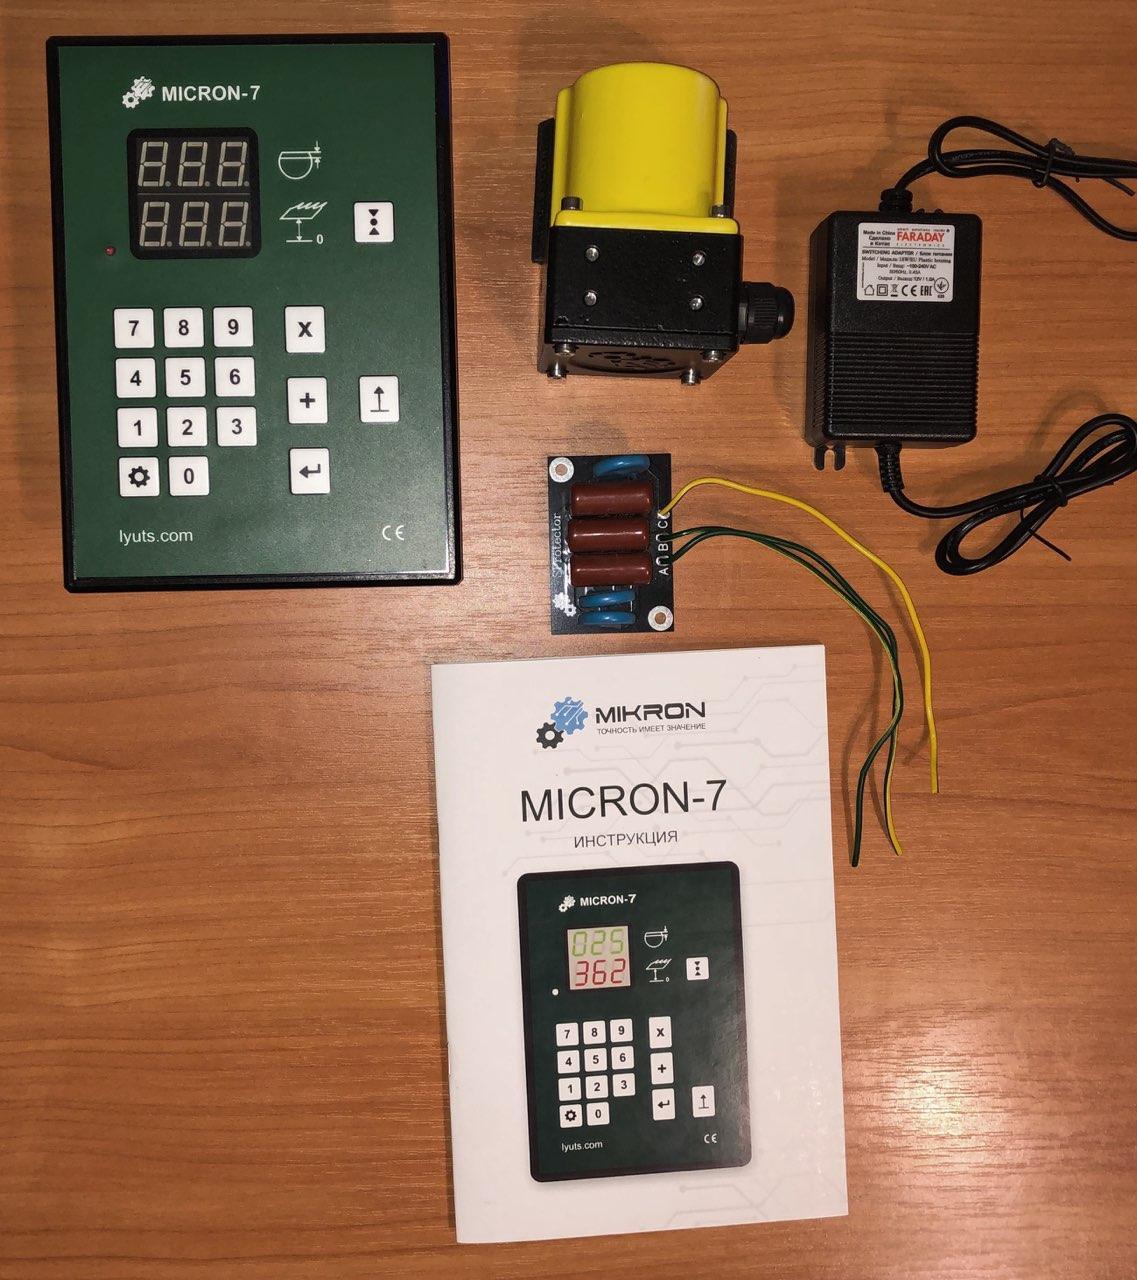 Электронная линейка на пилораму Micron-7 + PRT-300 датчик